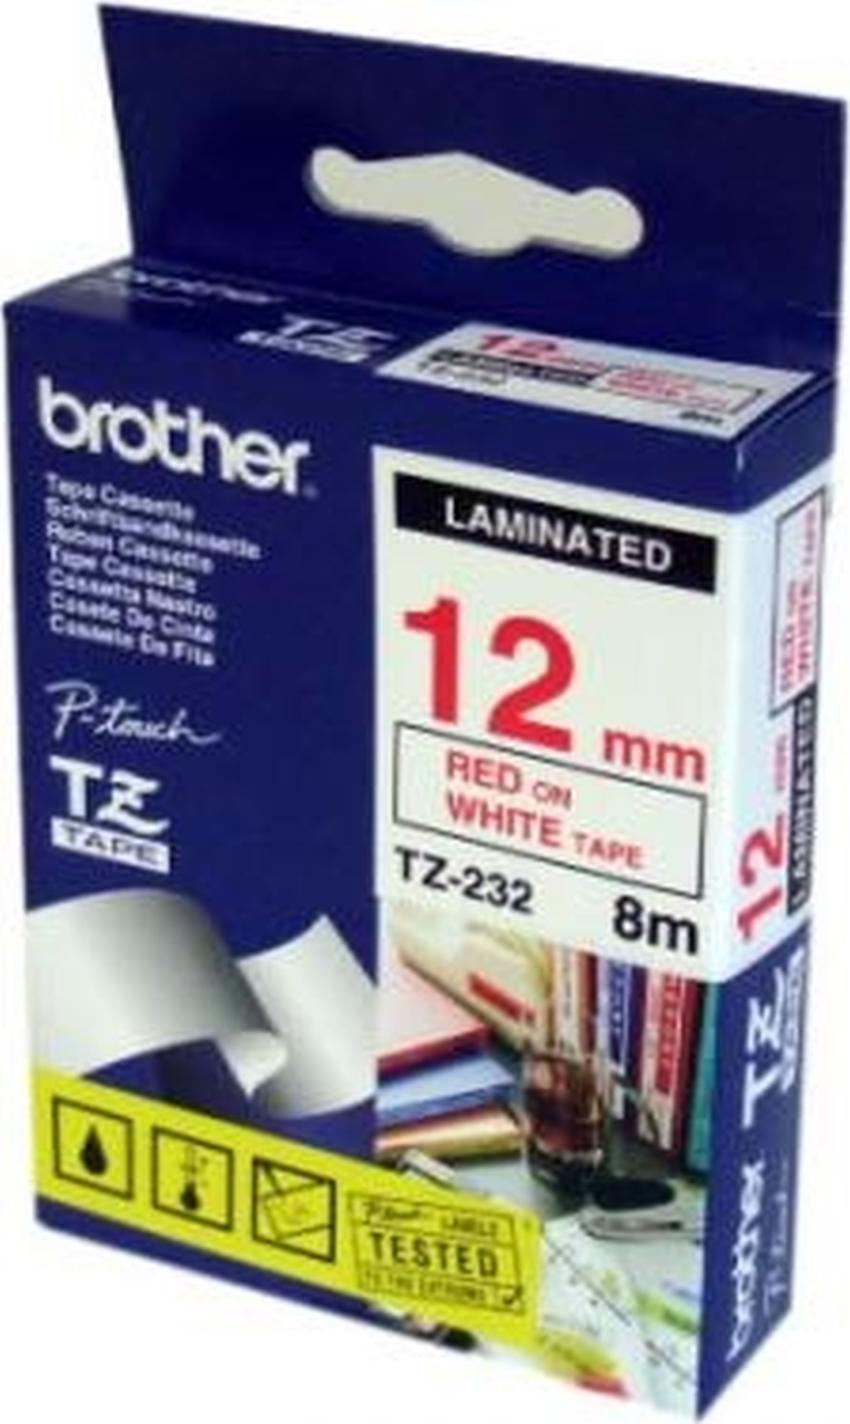 Etykiety laminowane Brother TZ232